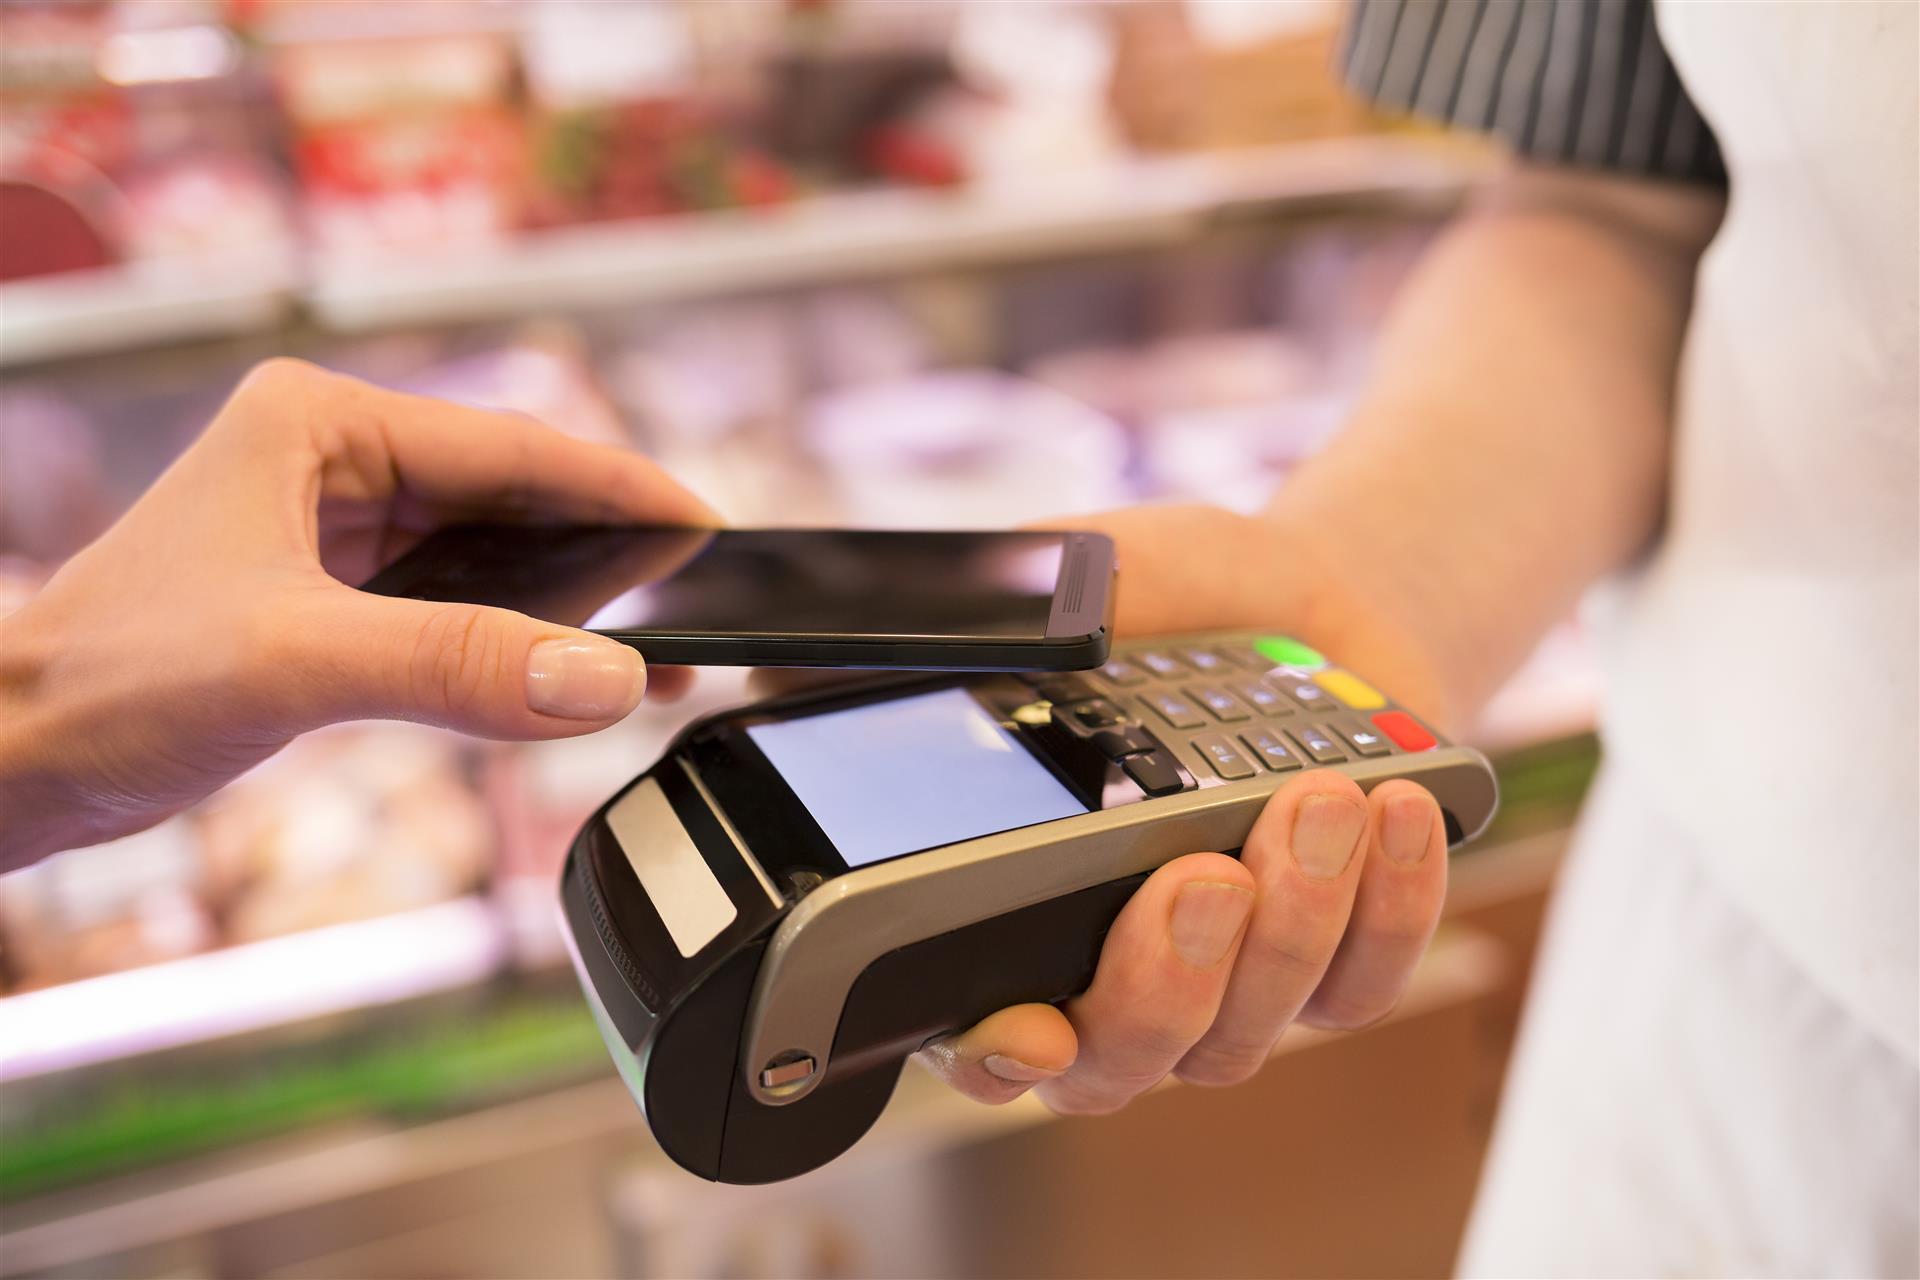 Nuova direttiva per i pagamenti digitali: ottenuto un periodo di tolleranza